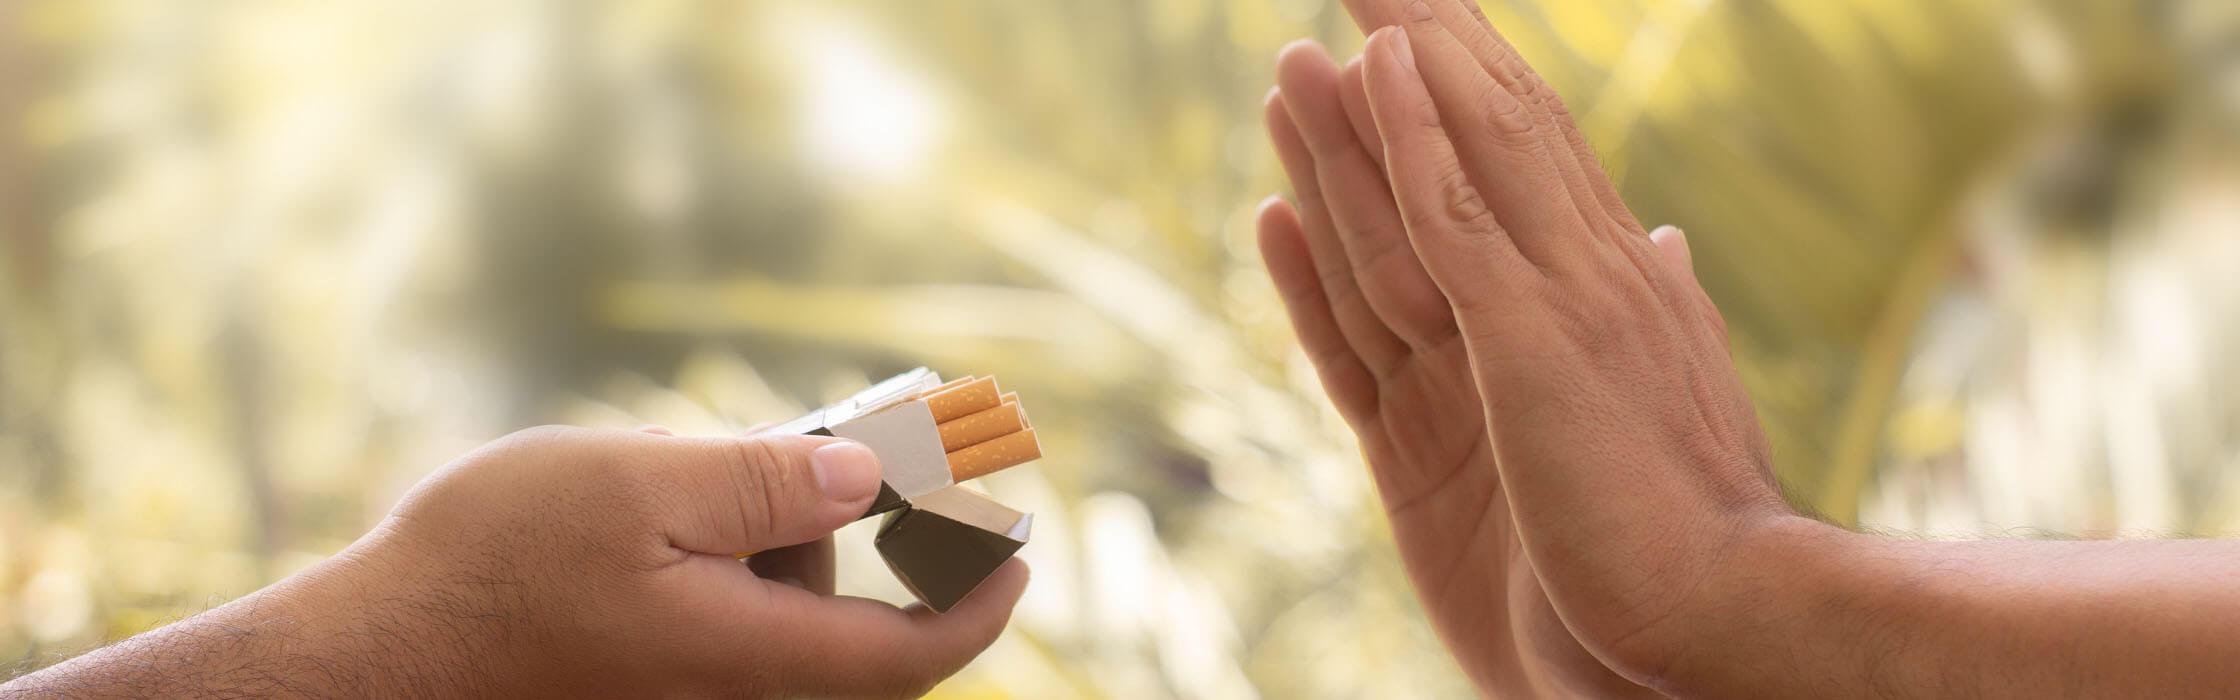 Mains d'une personne refusant un paquet de cigarettes tendu